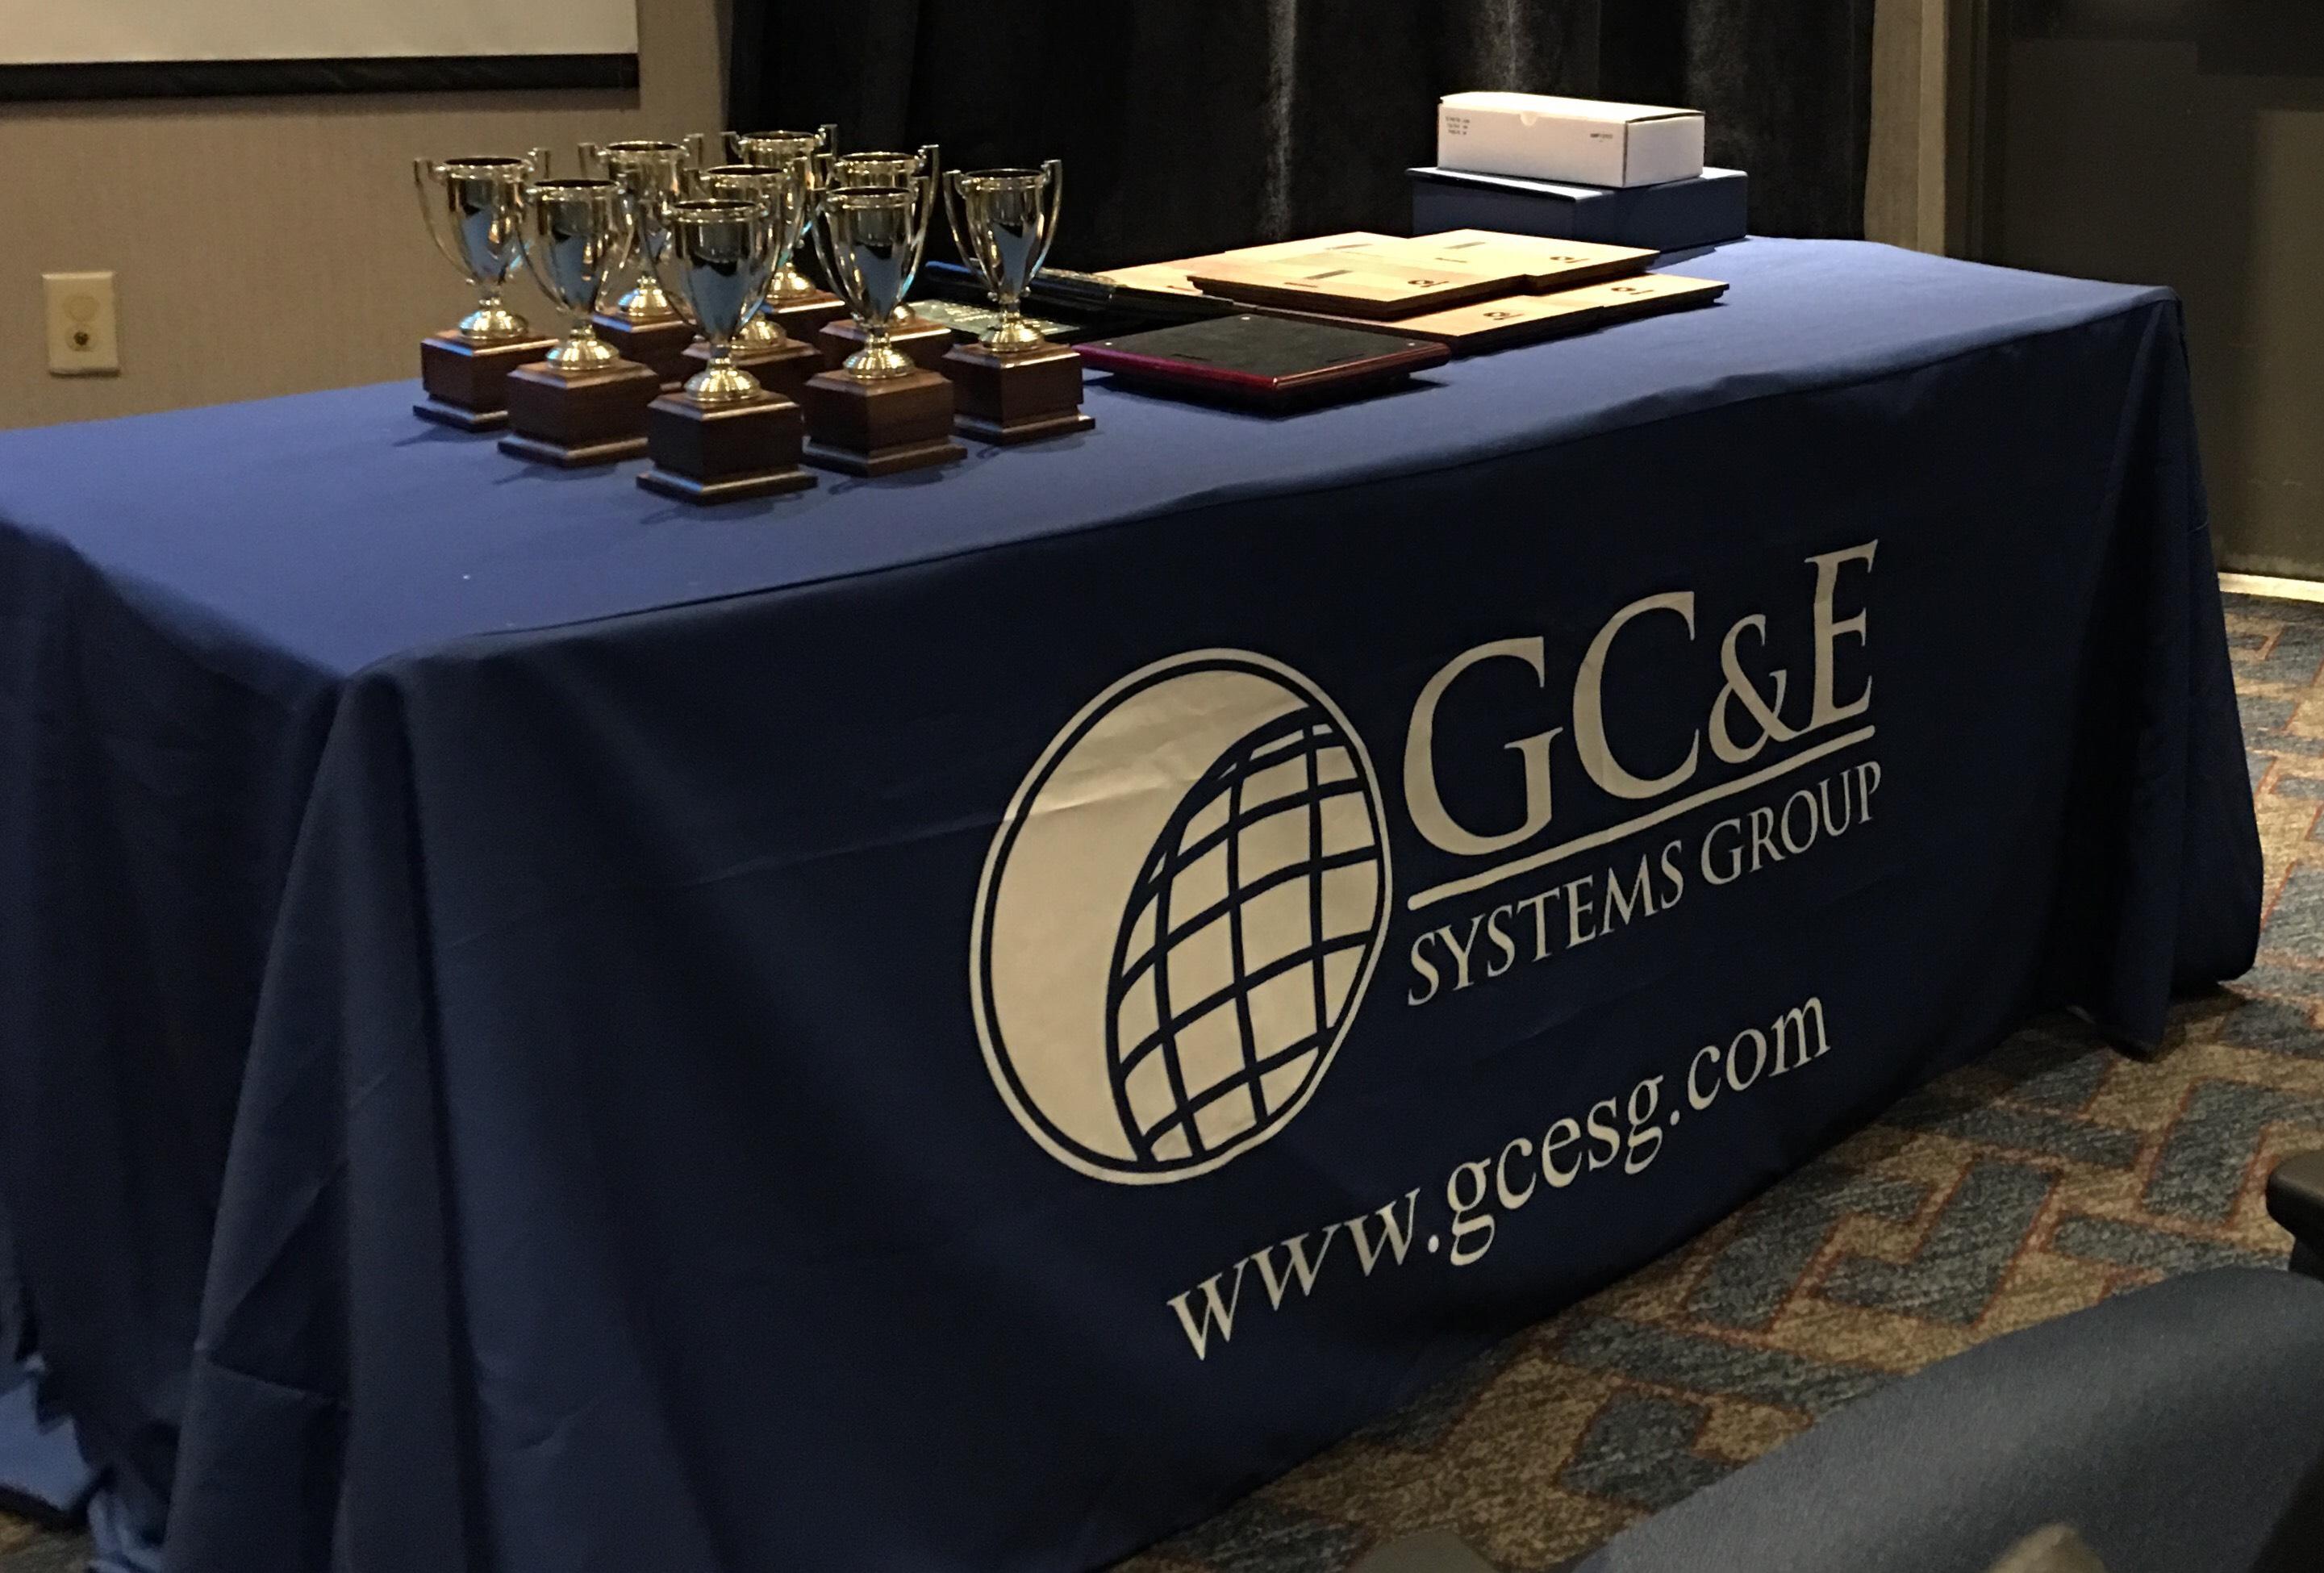 2016 Awards | GC&E Systems Group